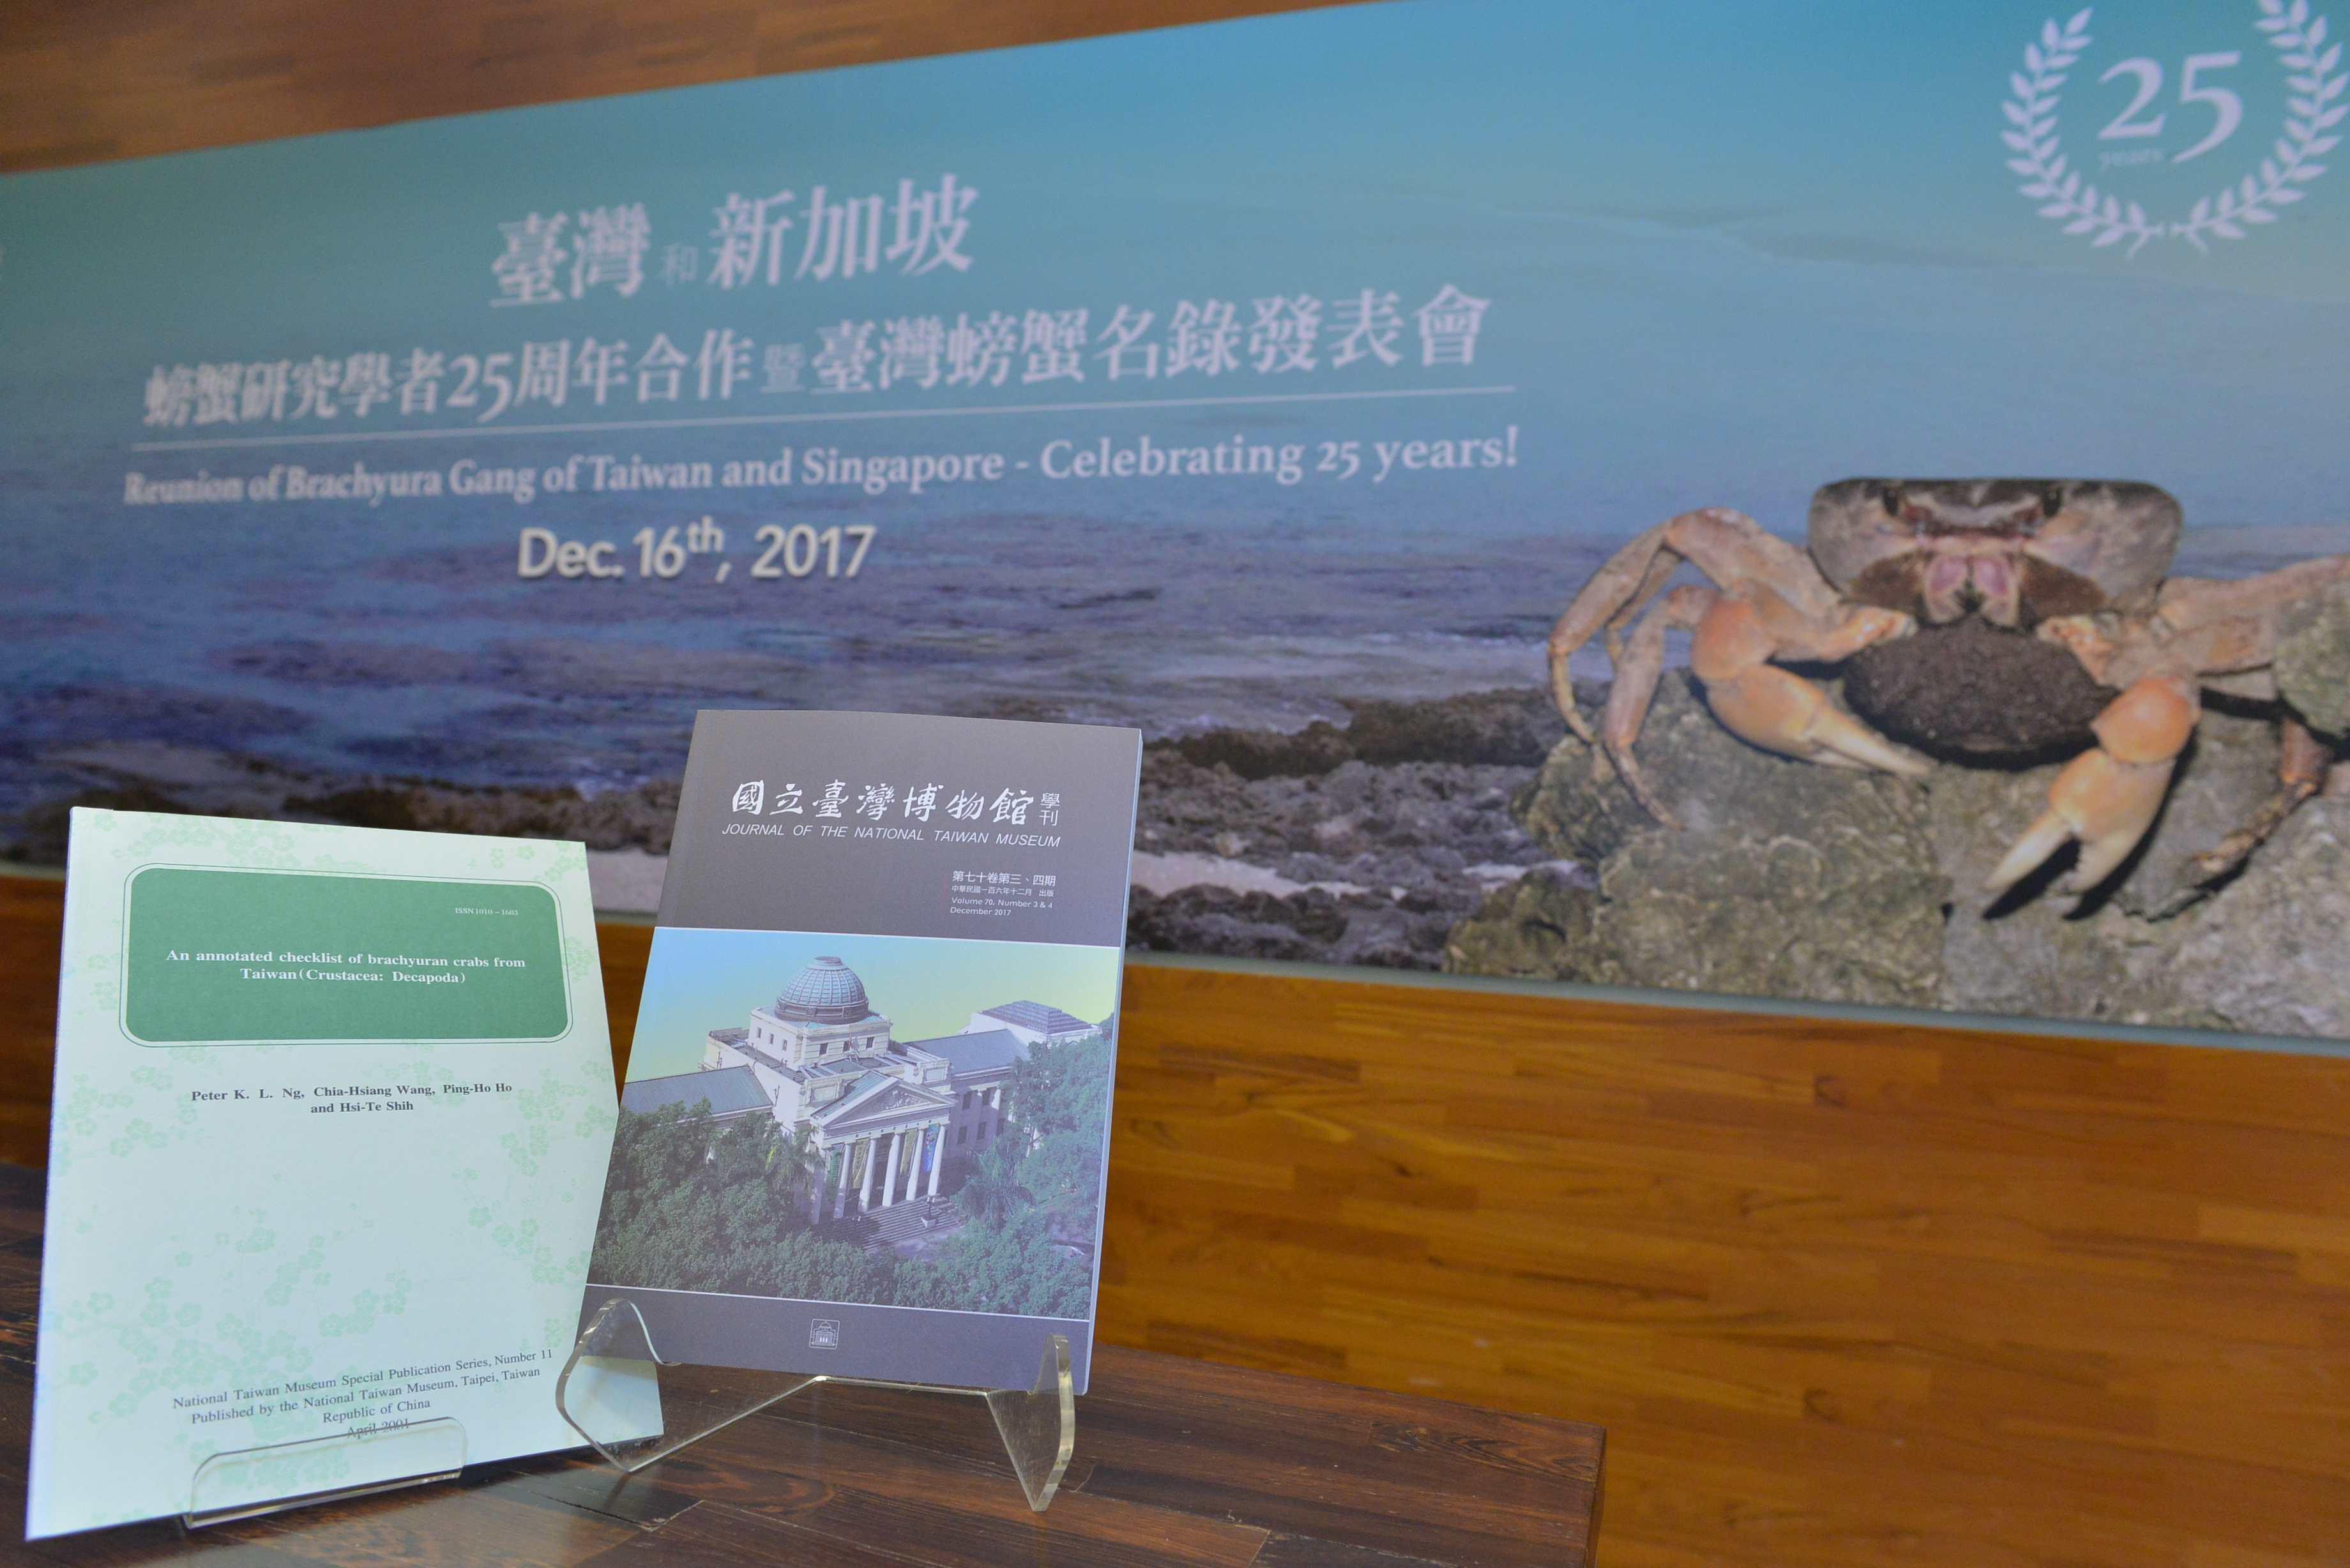 螃蟹也有戶口名簿  臺博館發表臺灣螃蟹名錄2.0版